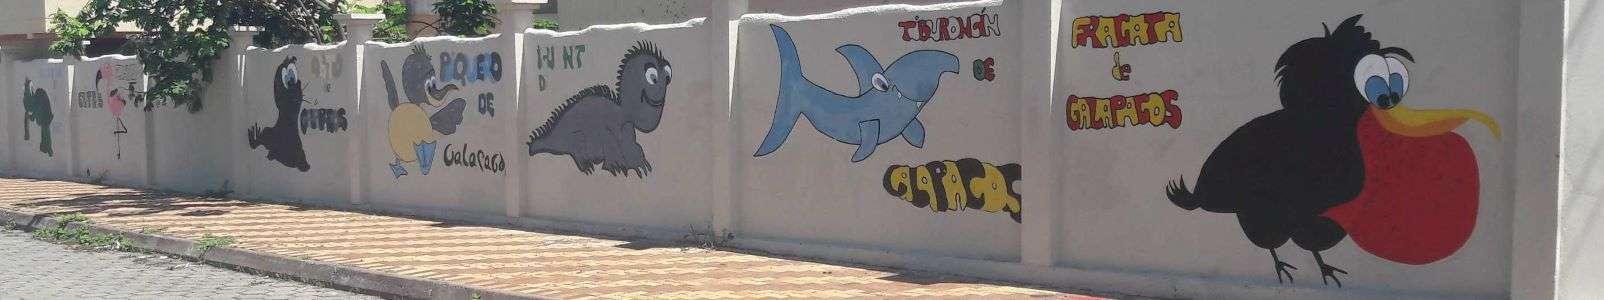 Viaggio alle Galapagos_San Cristobal